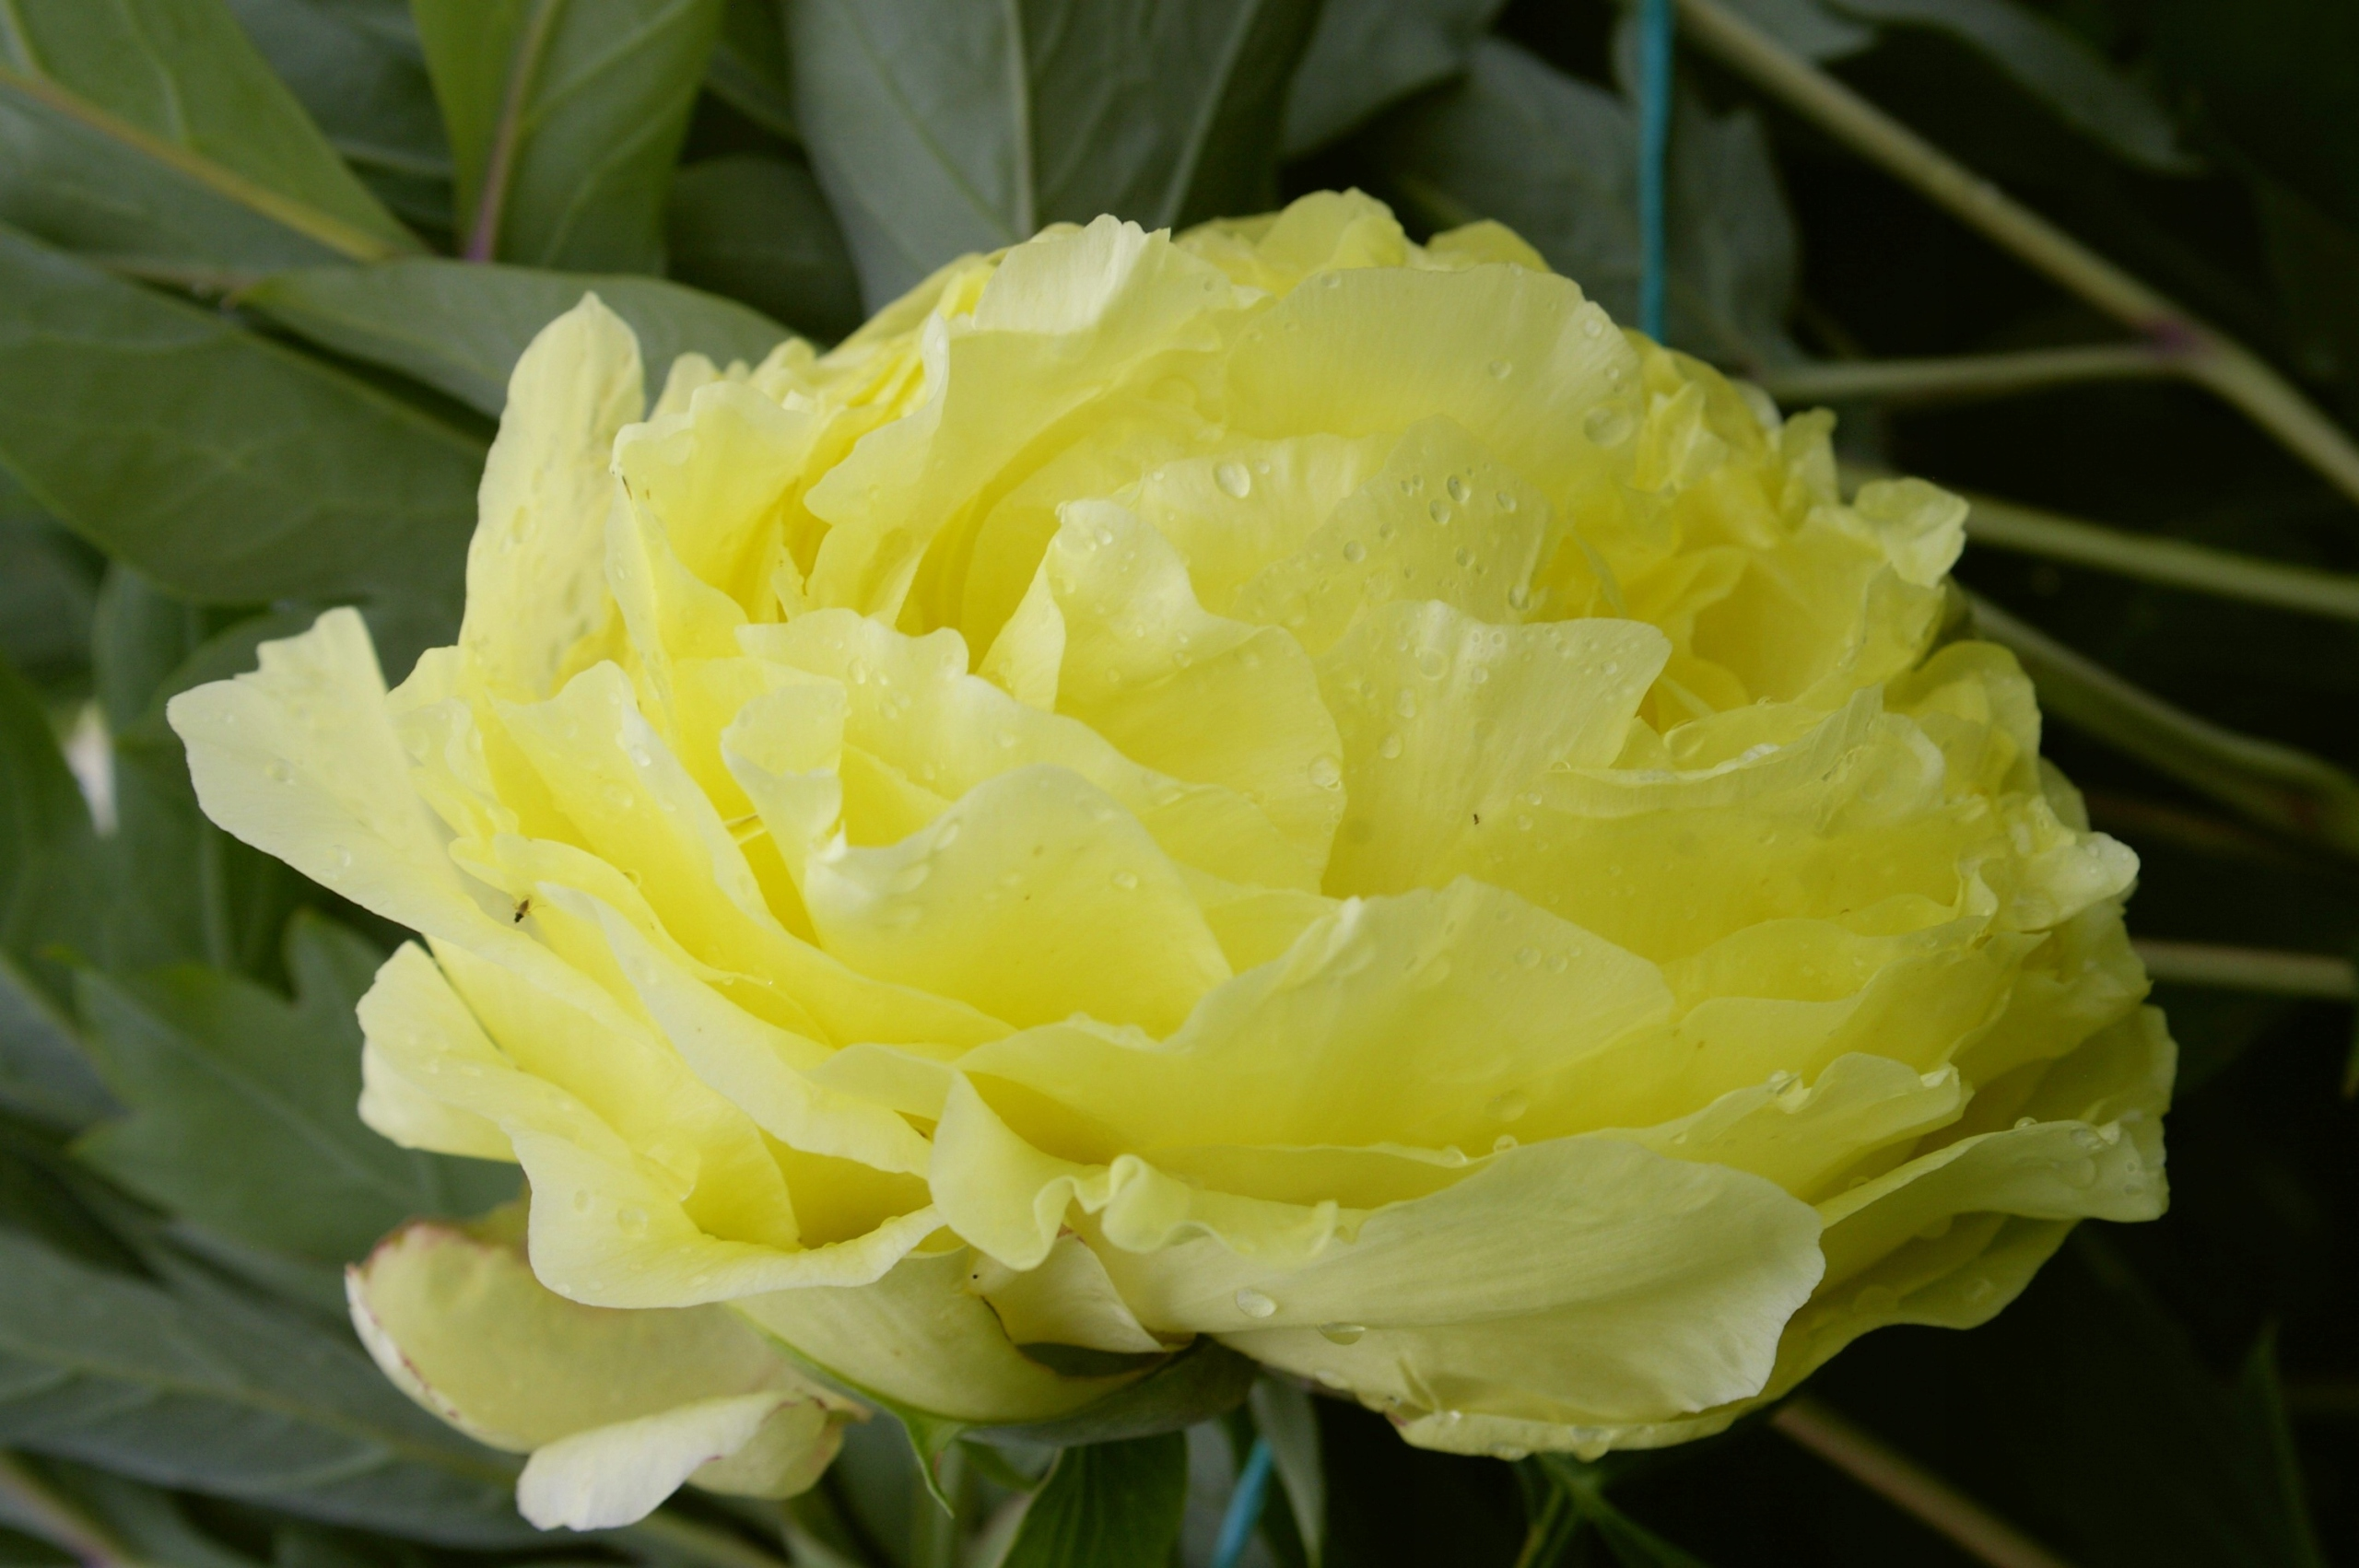 Описание пиона лемон шиффон: особенности ухода за сортом лимон на садовом участке